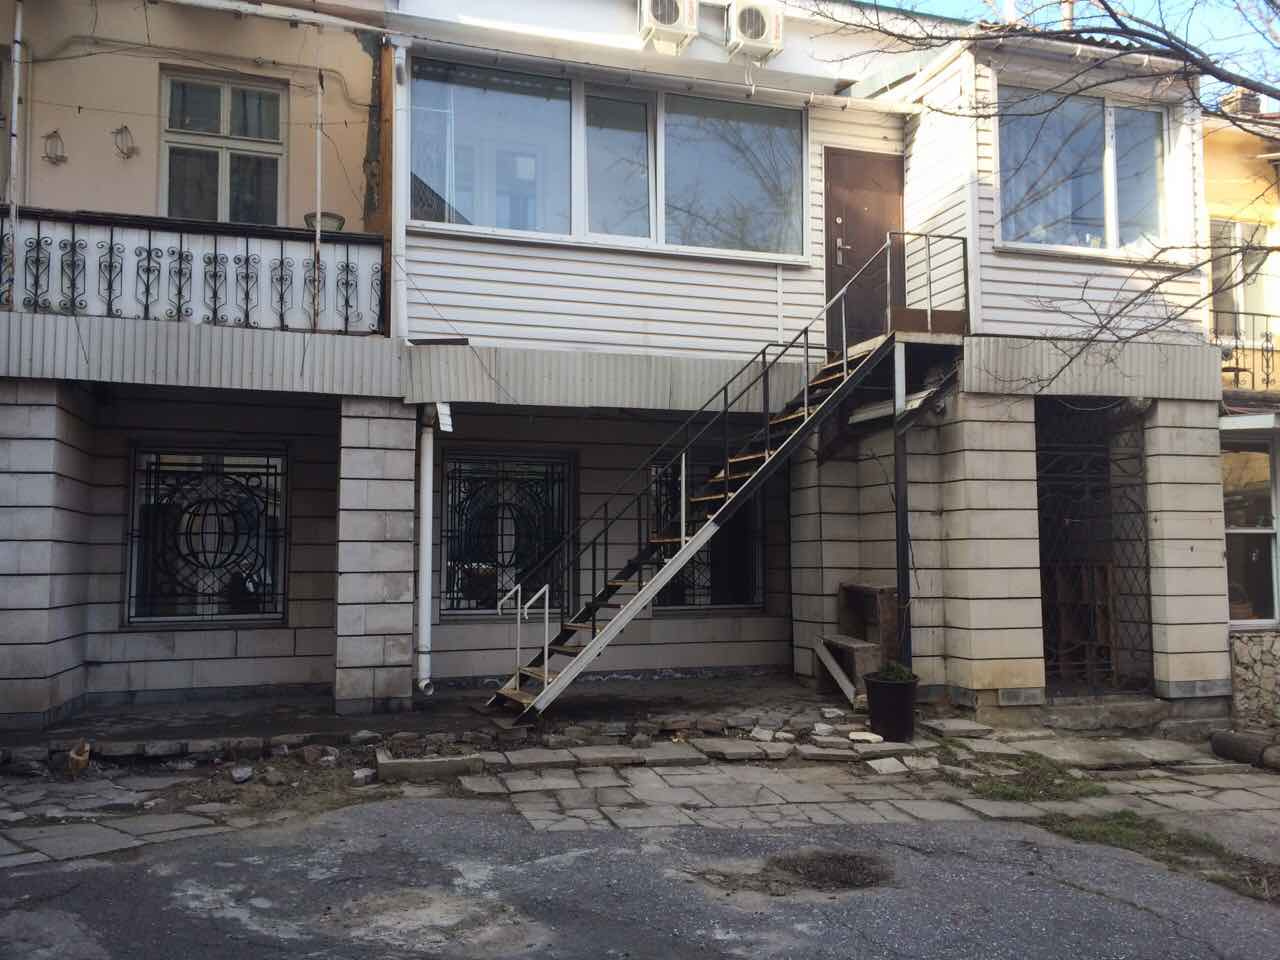 Продается Помещение на ул. Ланжероновский Сп. (Ласточкина Сп.) — 60 000 у.е. (фото №8)